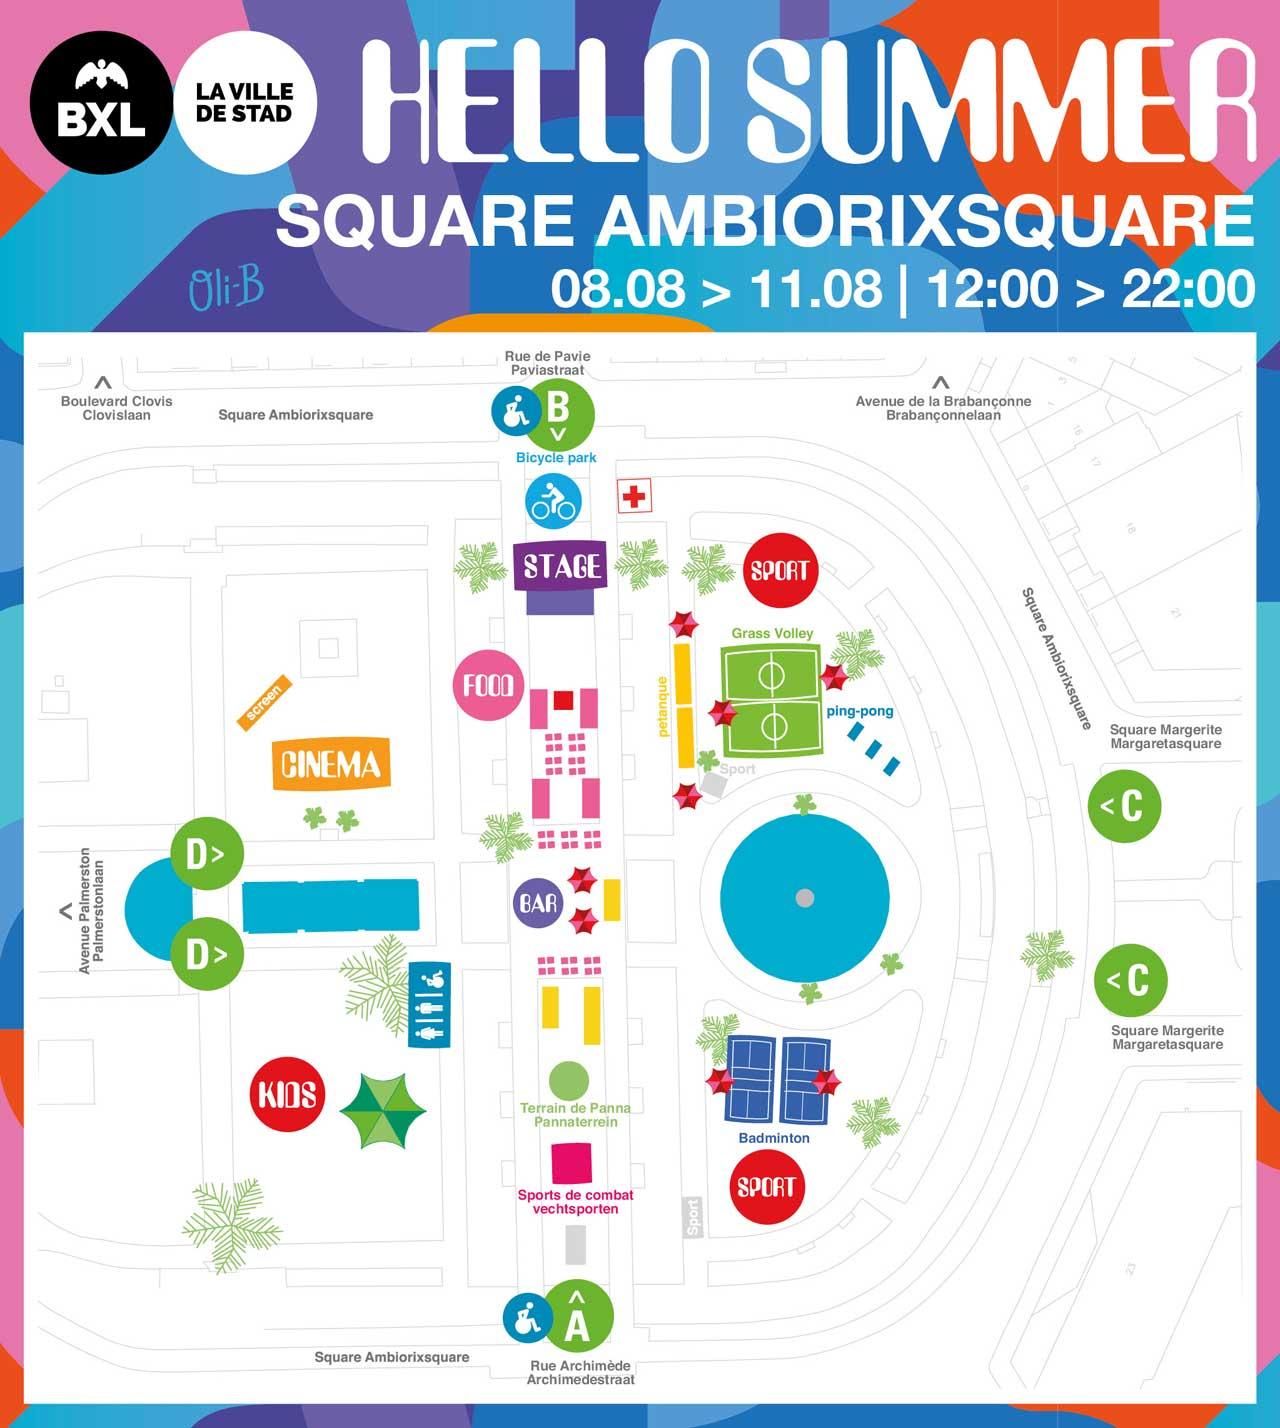 hello-summer-2019-pmr